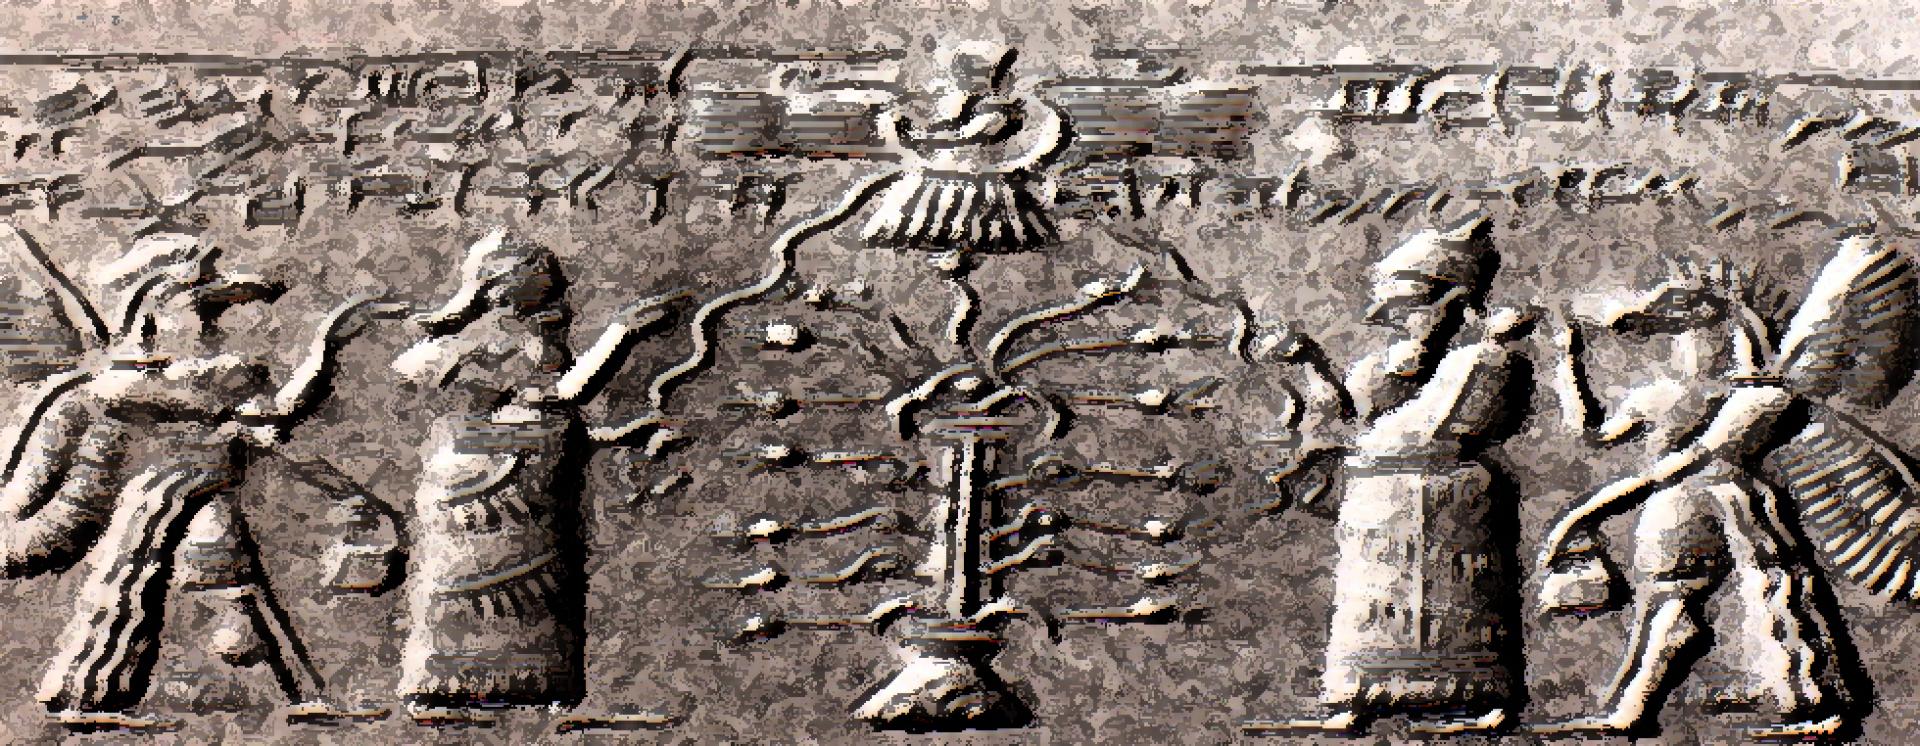 Tree of life faravahar2 copy